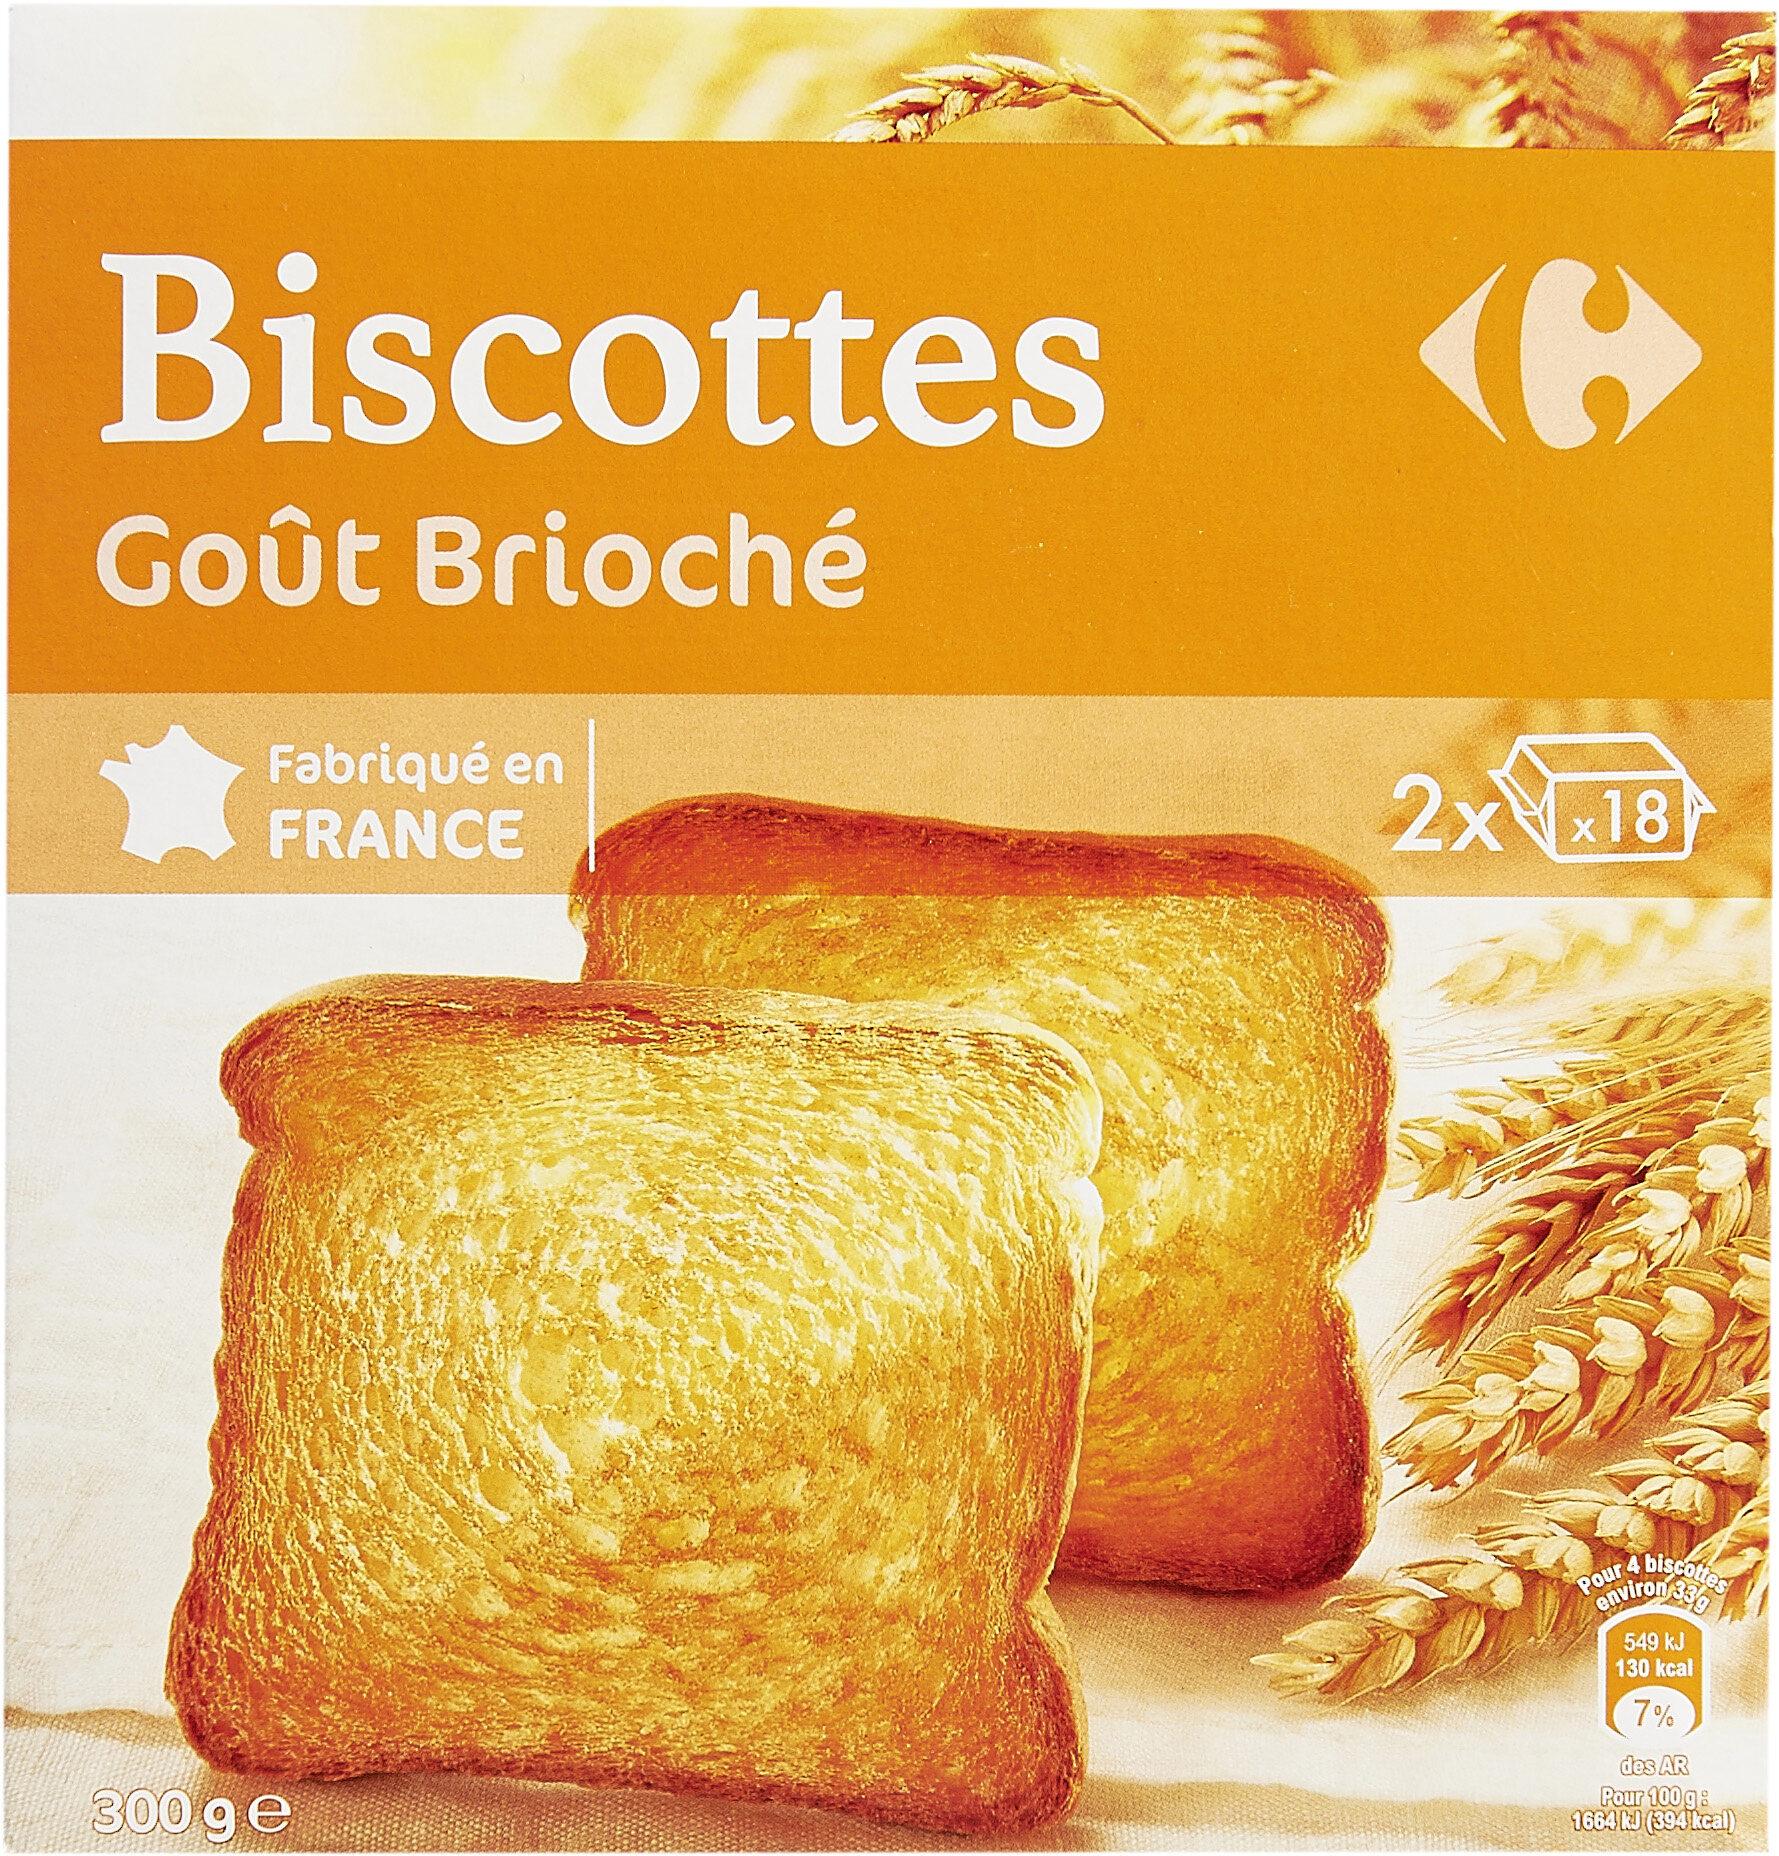 Biscottes goût brioché - Prodotto - fr